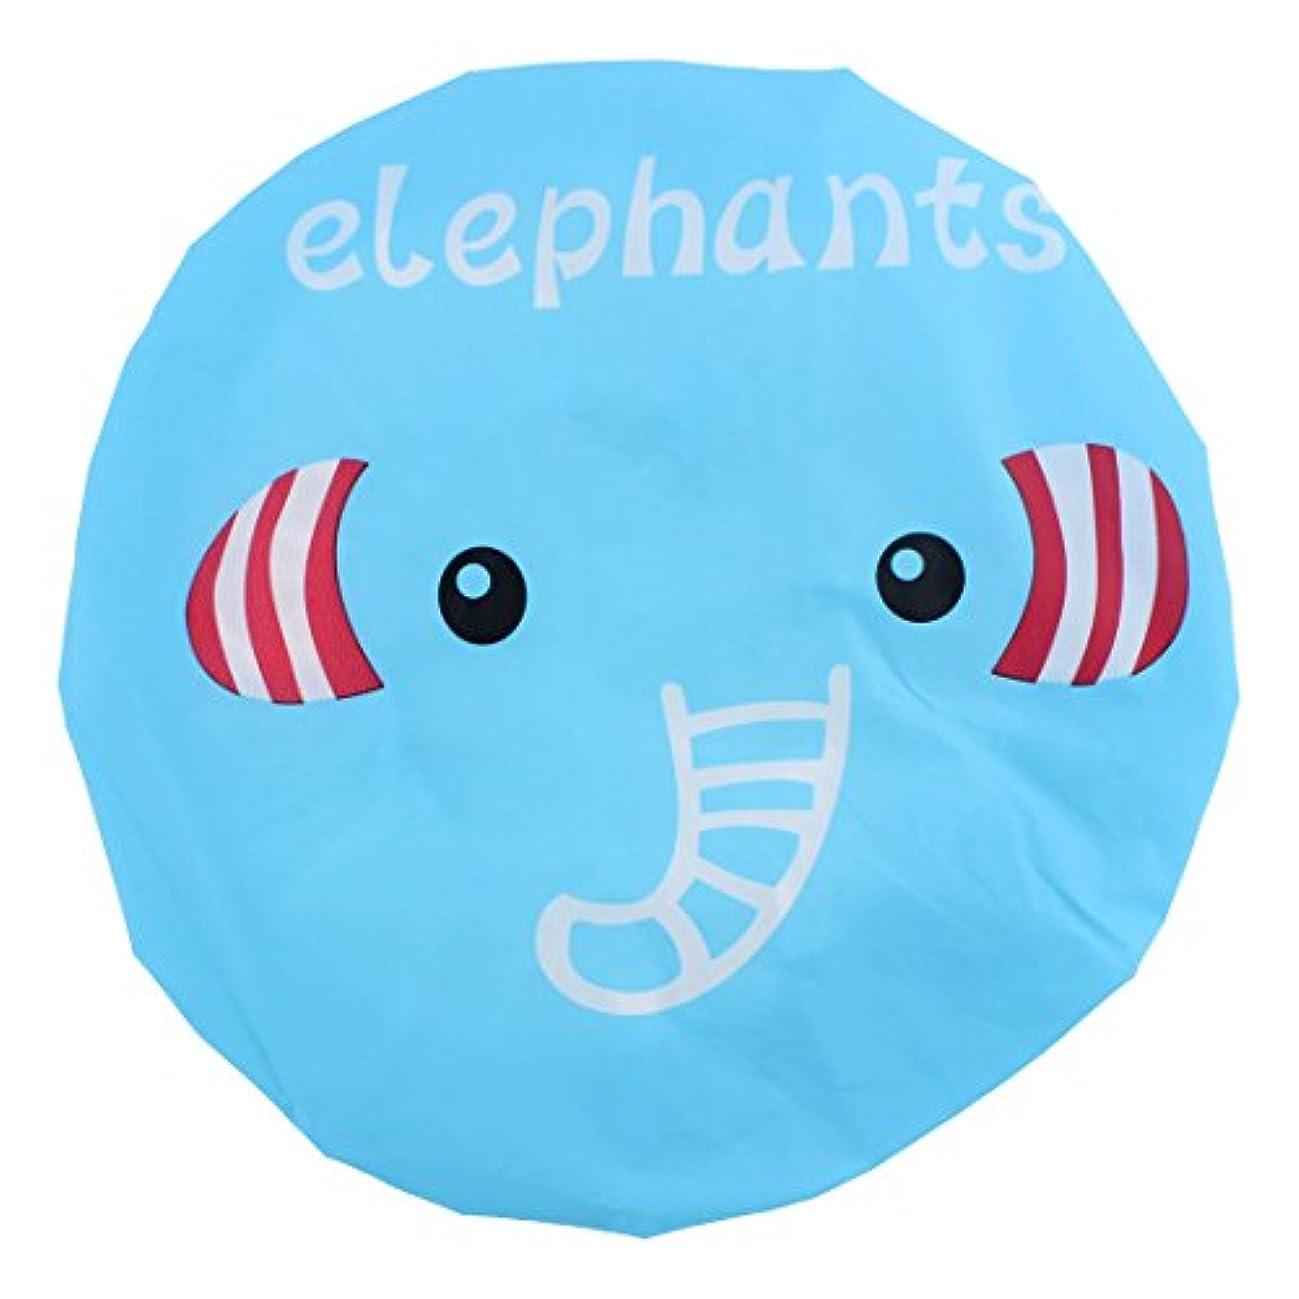 汚す口頭飽和するuxcell シャワーキャップ シャワー帽子 ポリエステル 象のパターン 防水型 弾性バン 耐性 かわいい 浴室スパ用